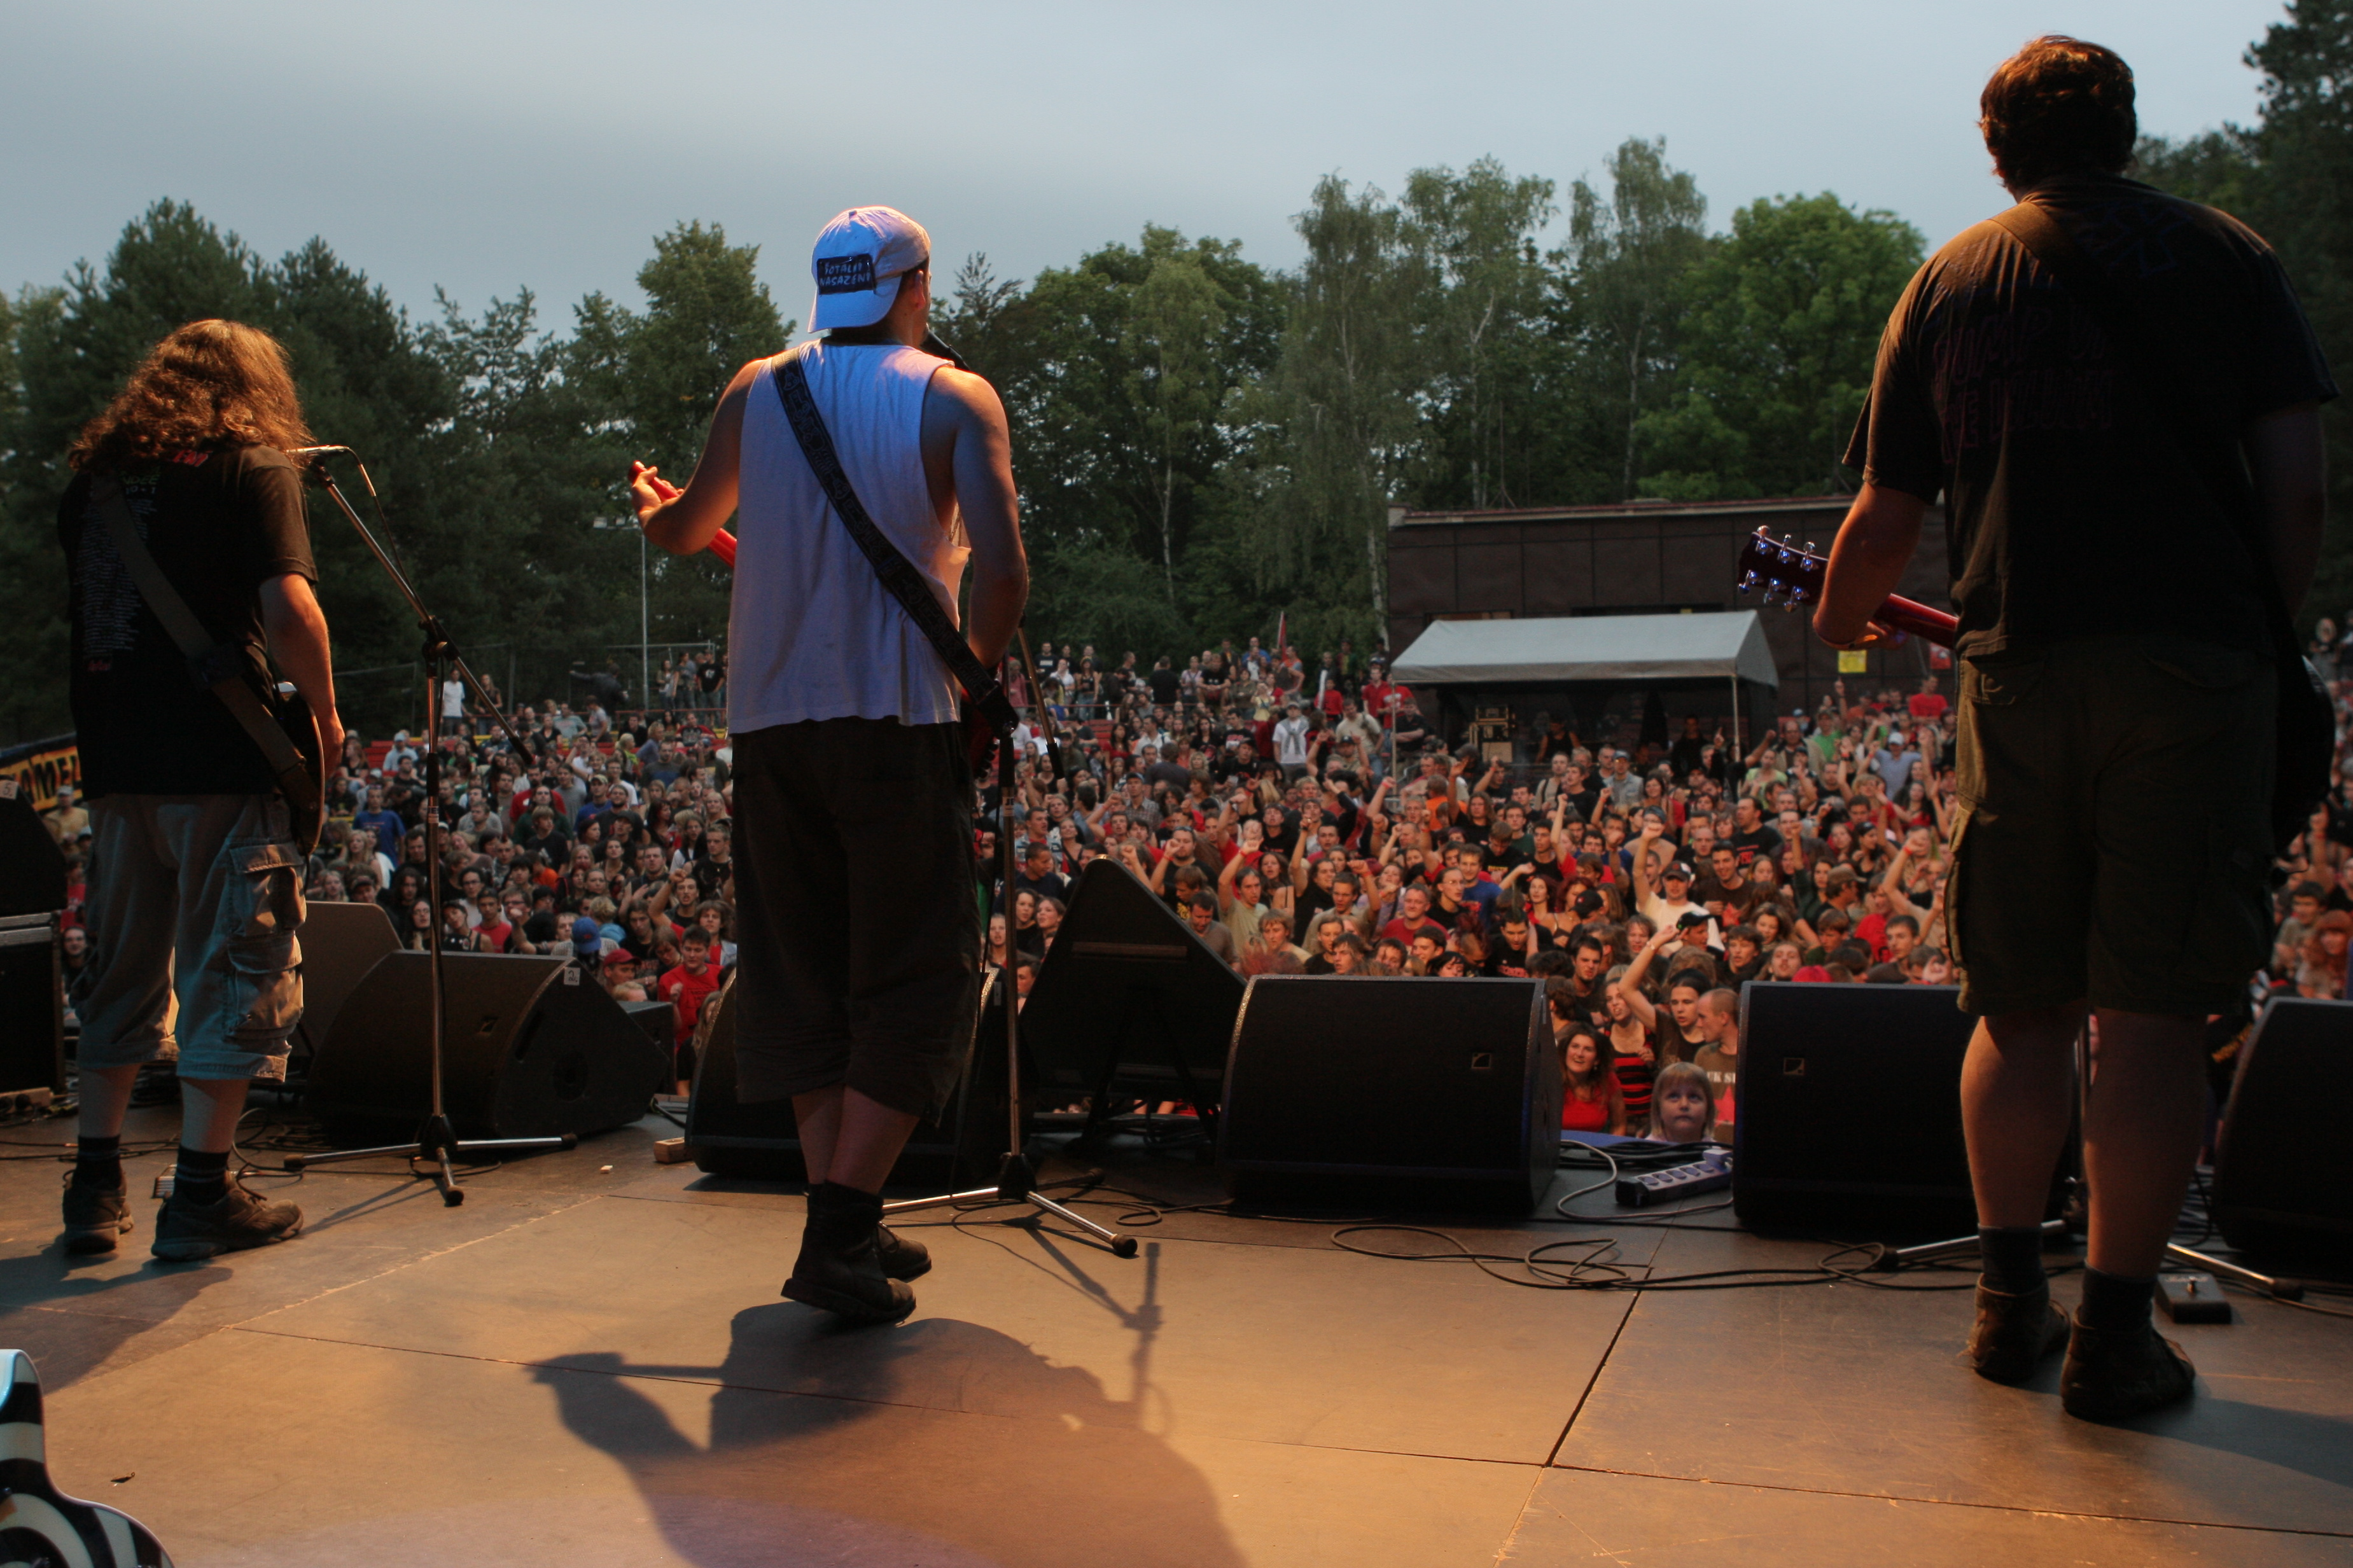 Valník oslaví 15. narozeniny s Wohnout, SPS, E!E a dalšími punks